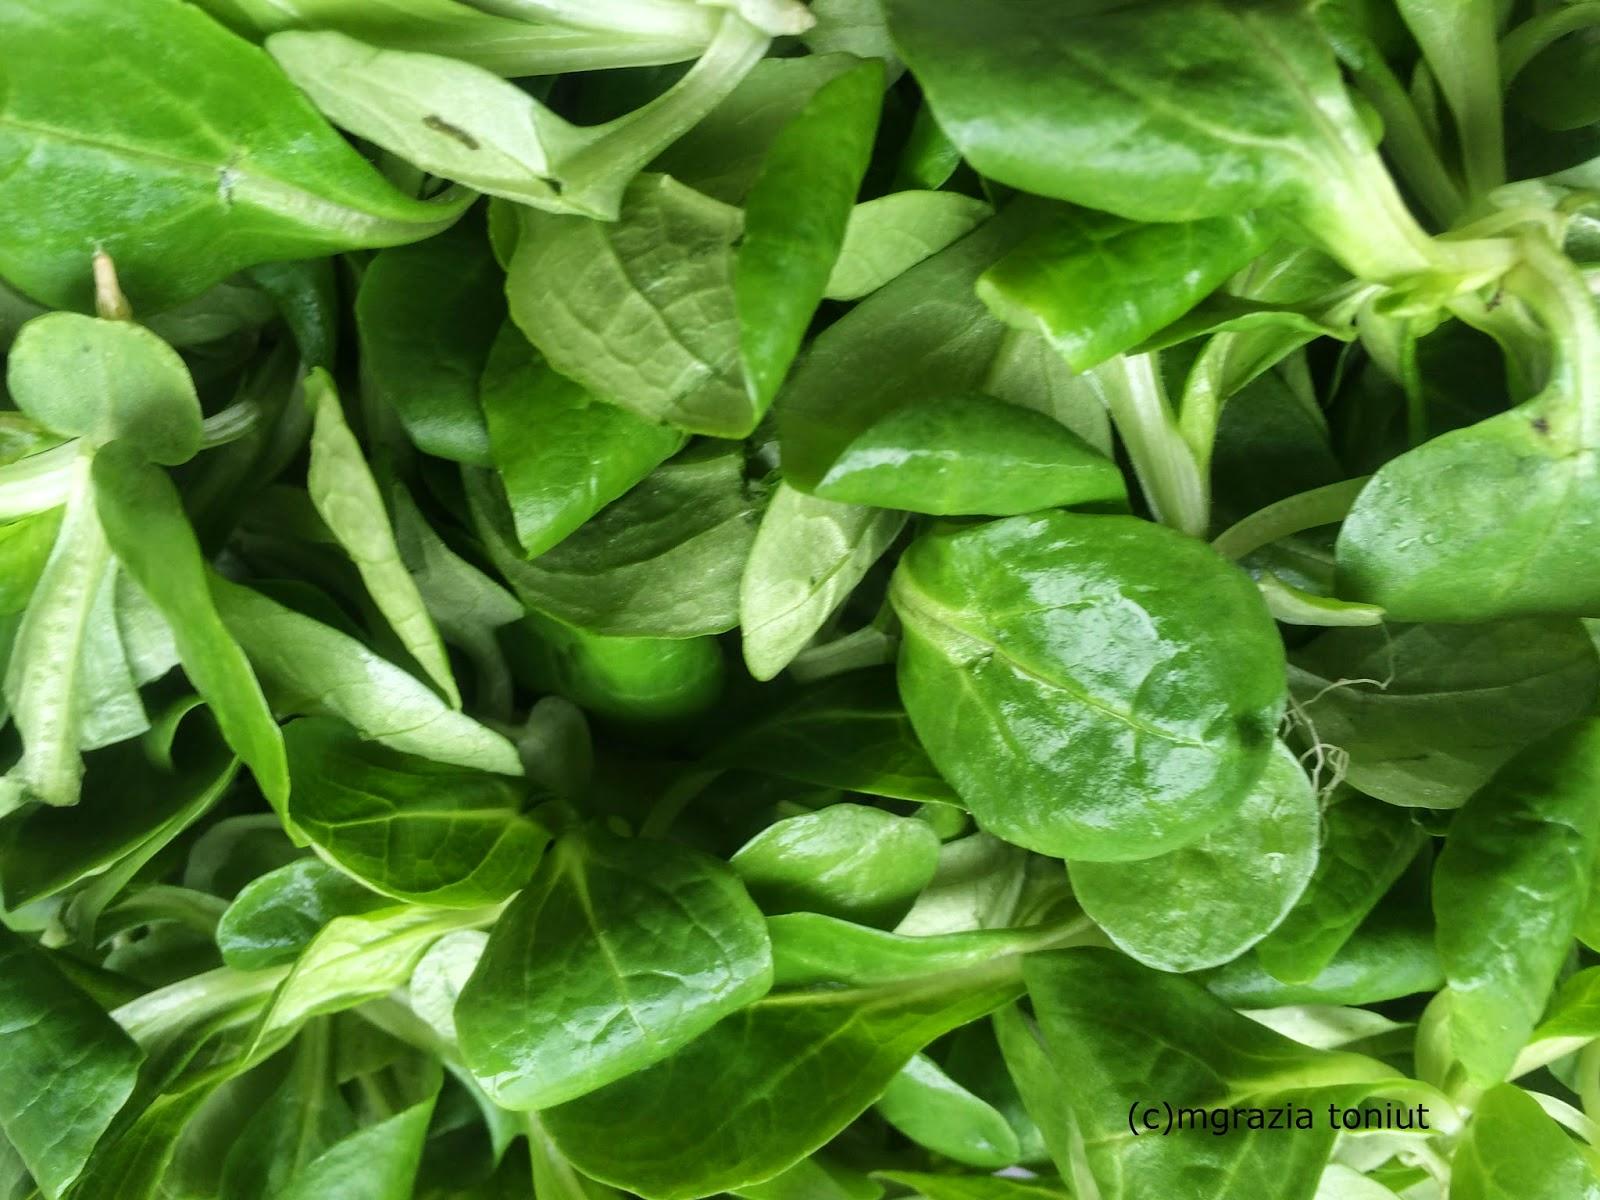 Viaggi e ricette mia ricetta insalata valeriana for Soncino insalata